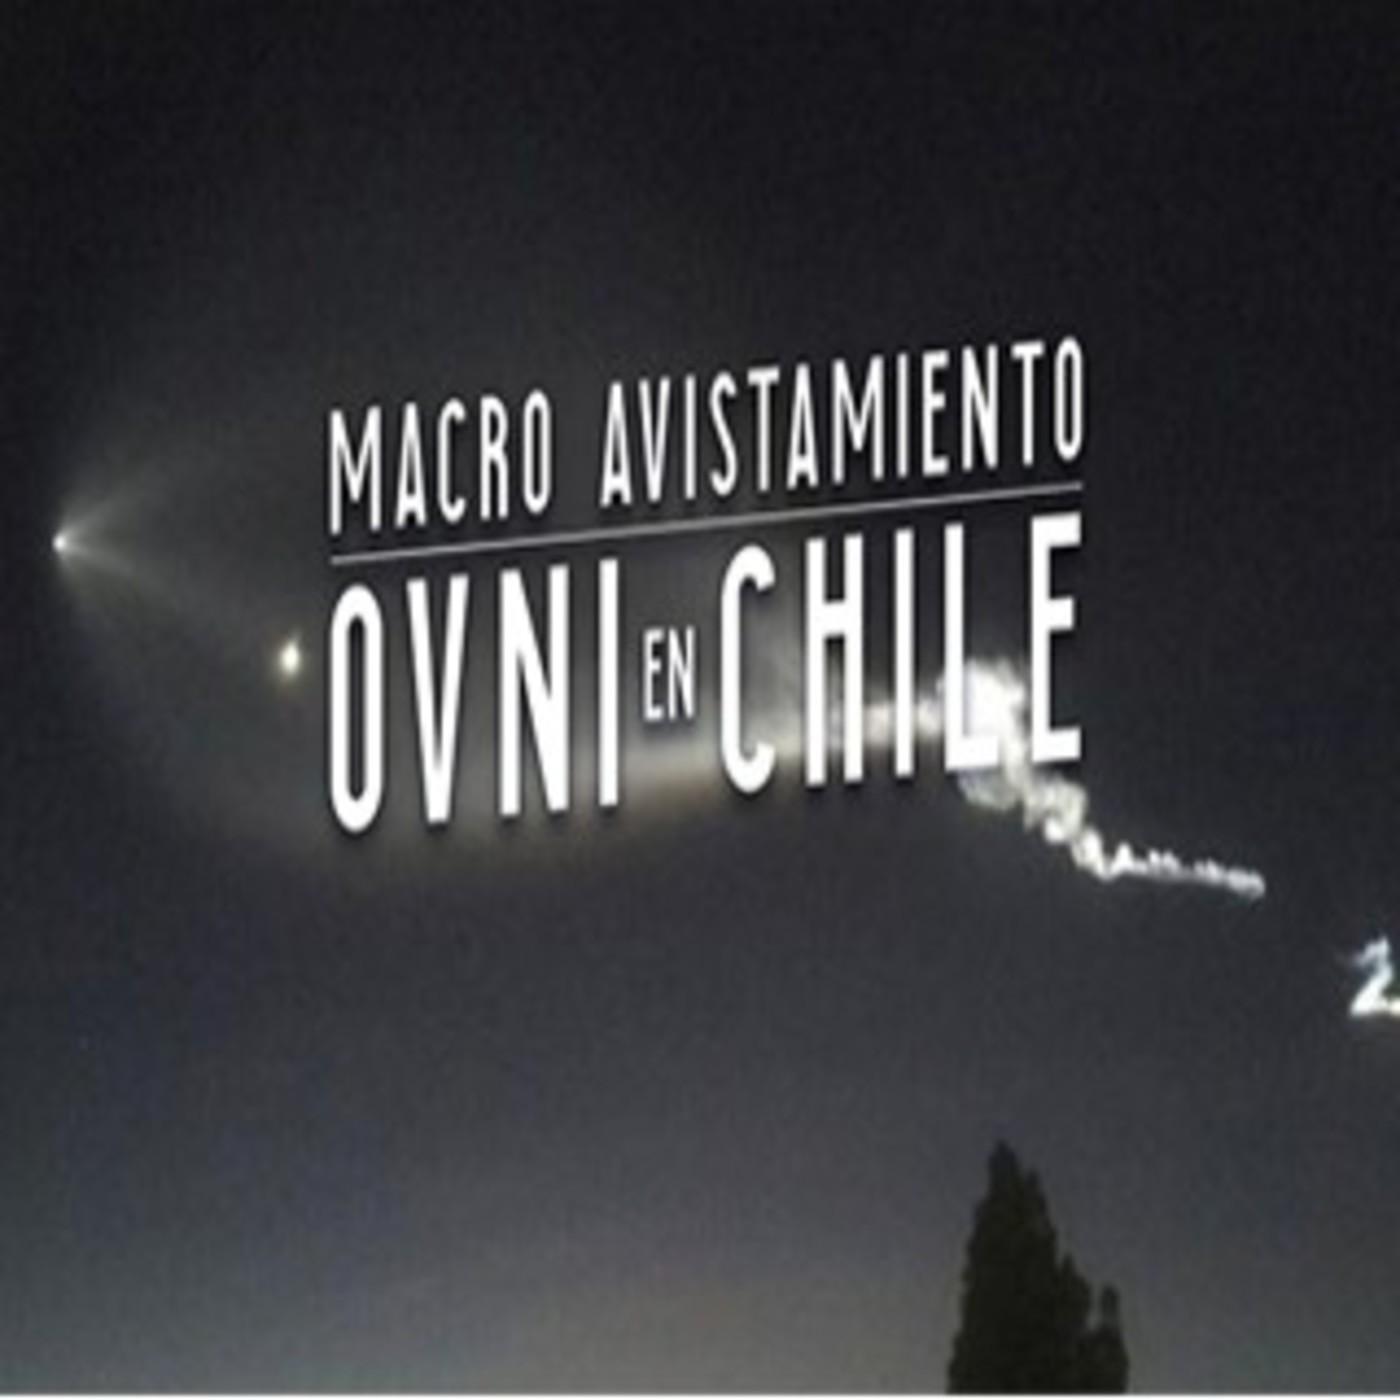 Cuarto milenio: Macro avistamiento OVNI en Chile en Cuarto ...